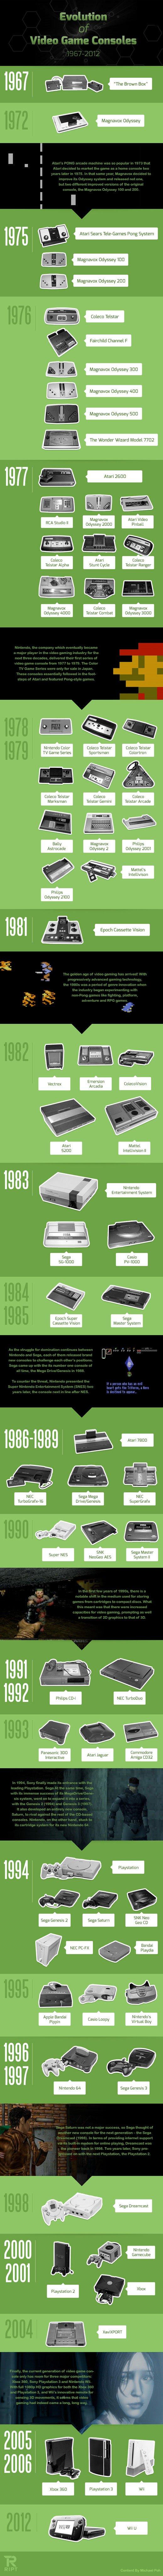 videogames-evolution